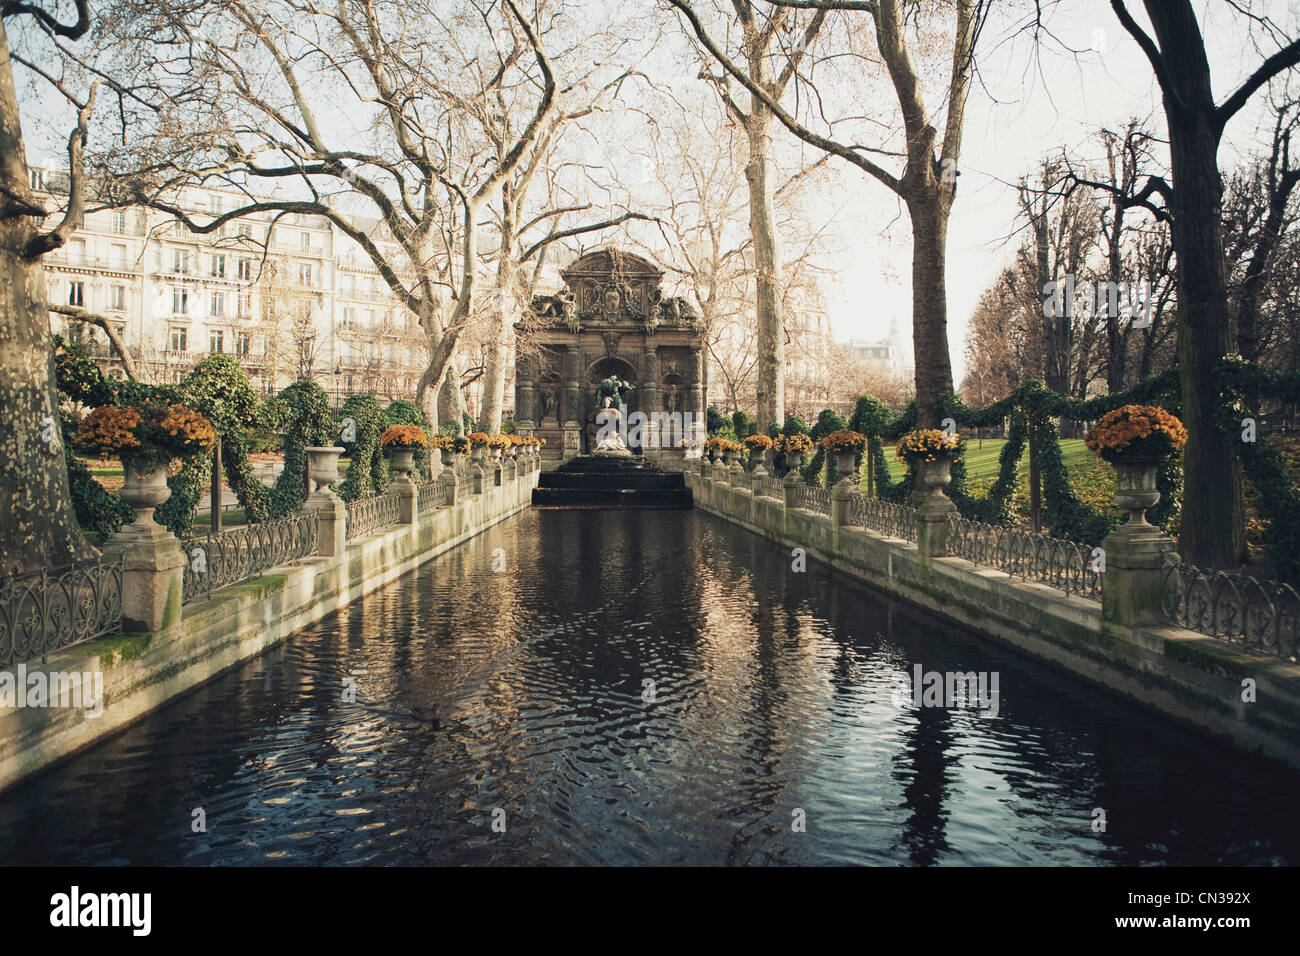 Étang dans un parc, Paris, France Banque D'Images